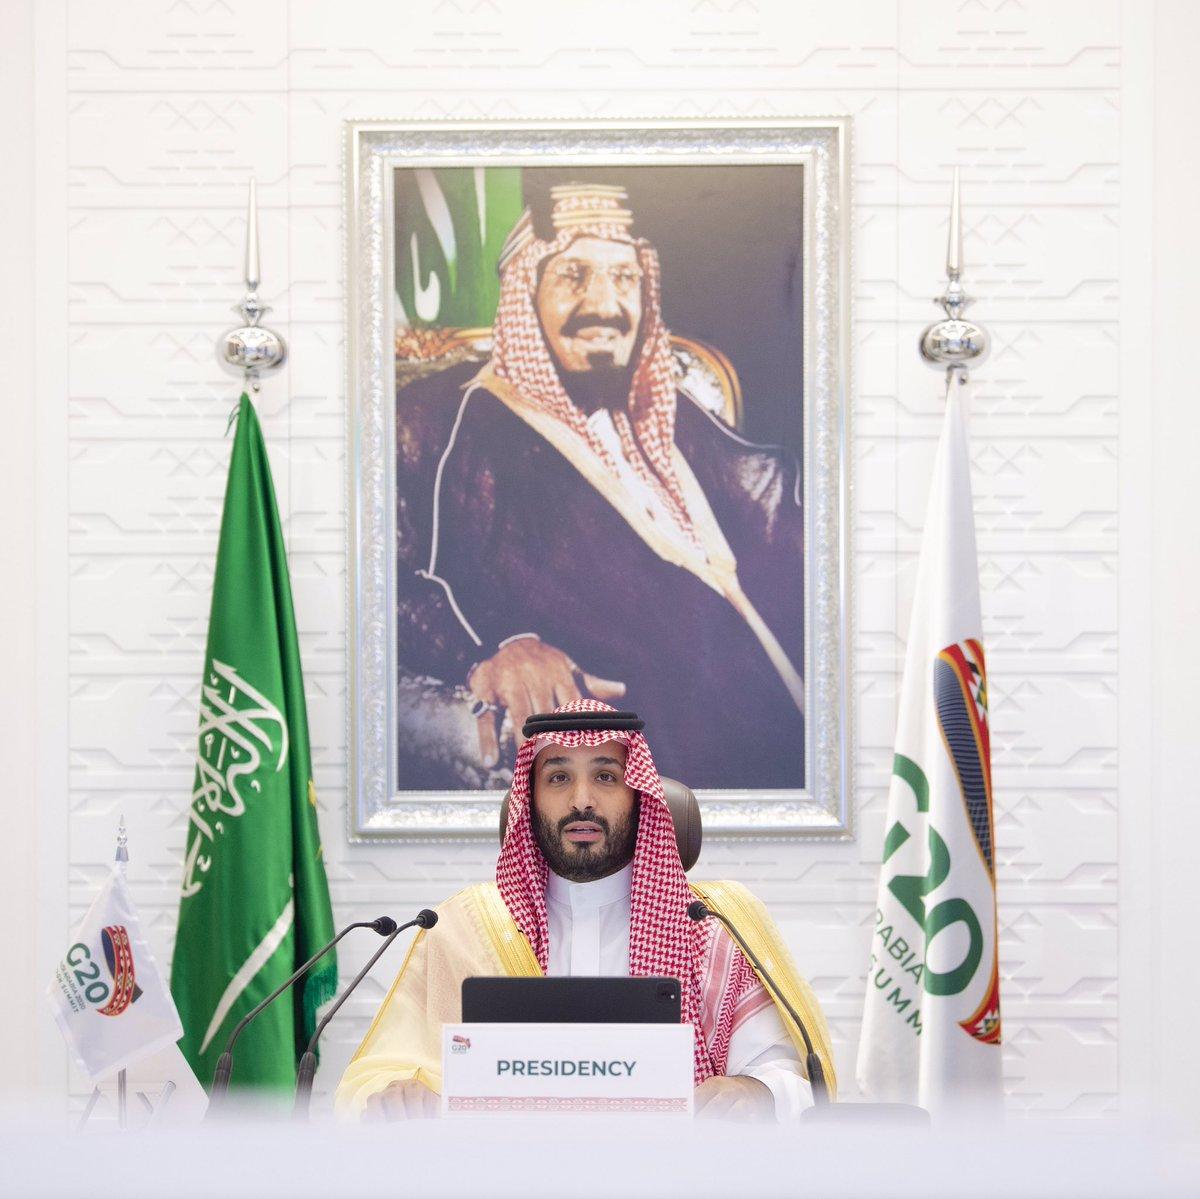 صاحب السمو الملكي الأمير محمد بن سلمان بن عبدالعزيز ولي العهد نائب رئيس مجلس الوزراء وزير الدفاع -حفظه الله- يترأس الجلسة الأخيرة في اليوم الثاني لقمة الرياض لقادة #مجموعة_العشرين  #G20